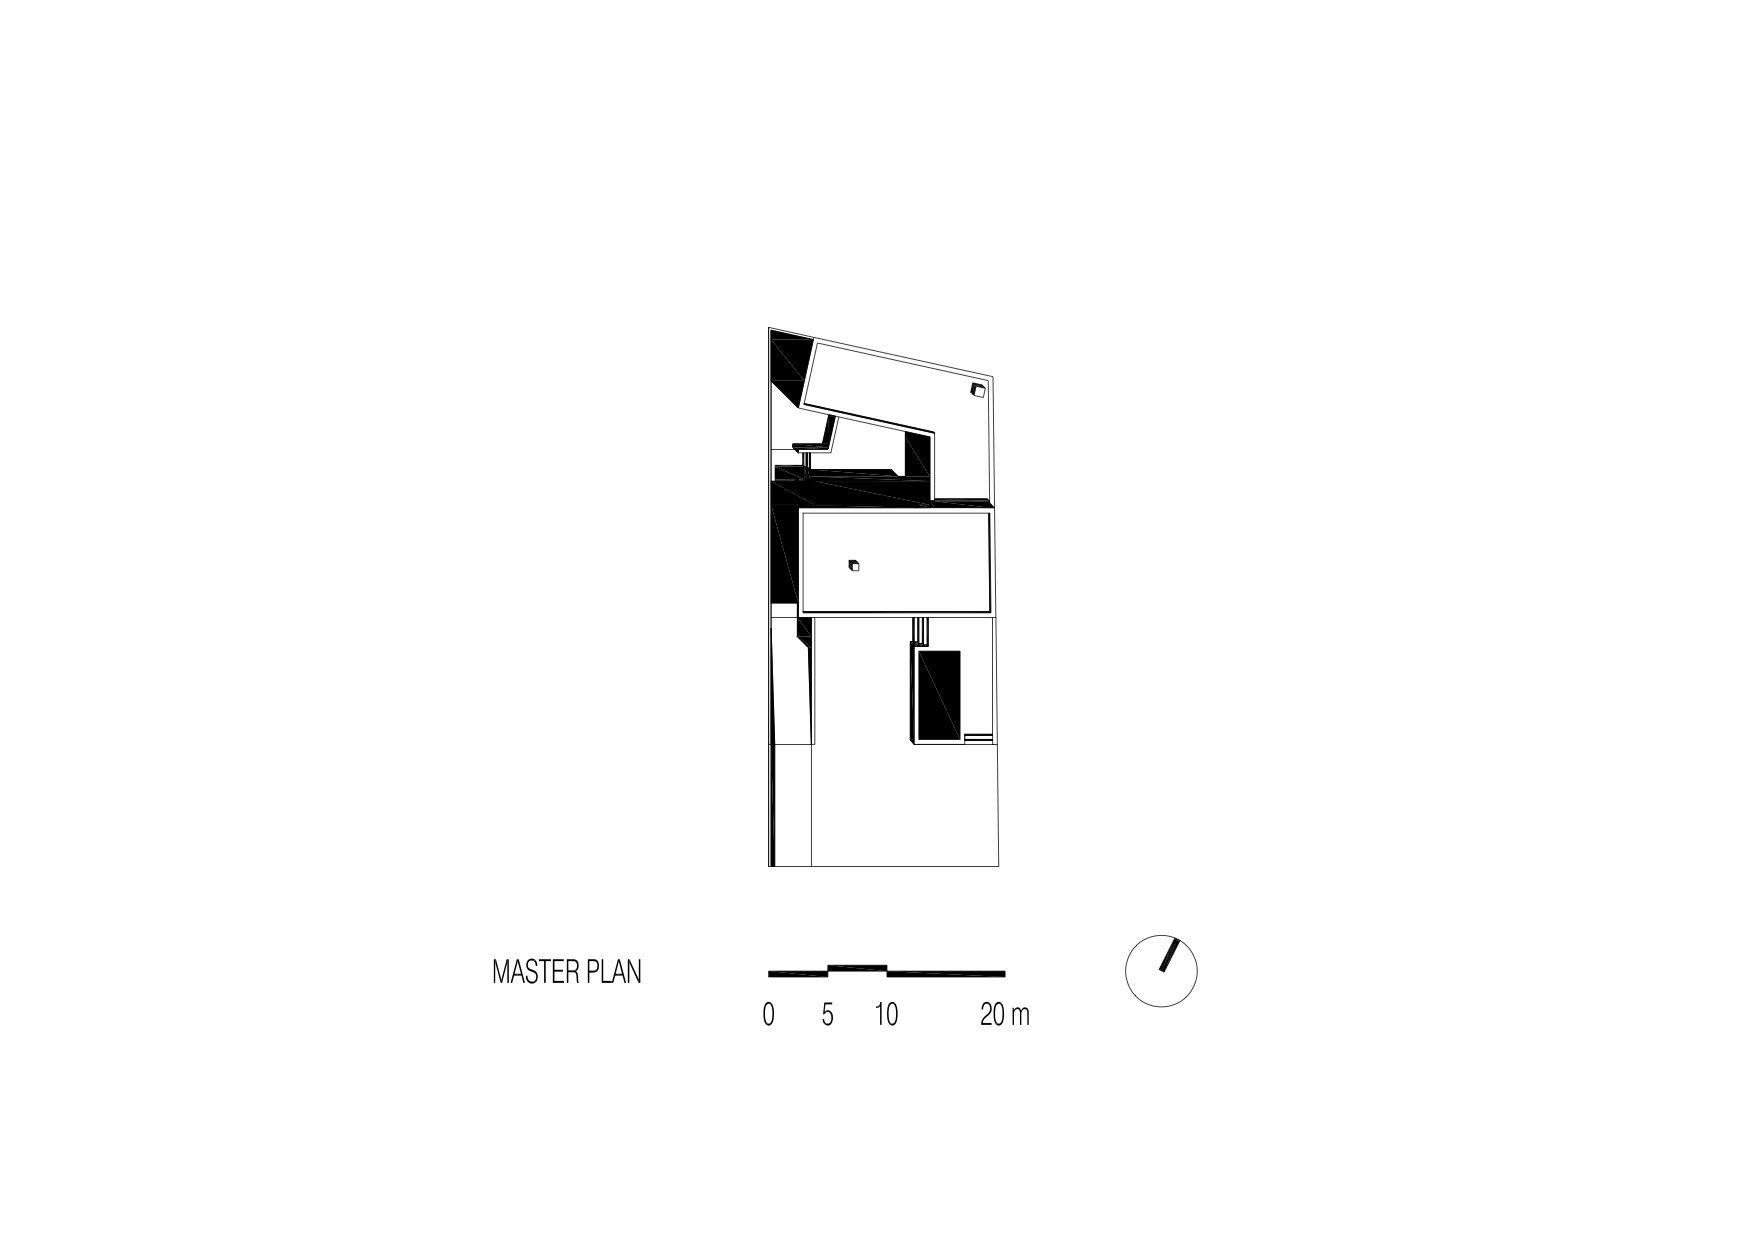 C house plans A4